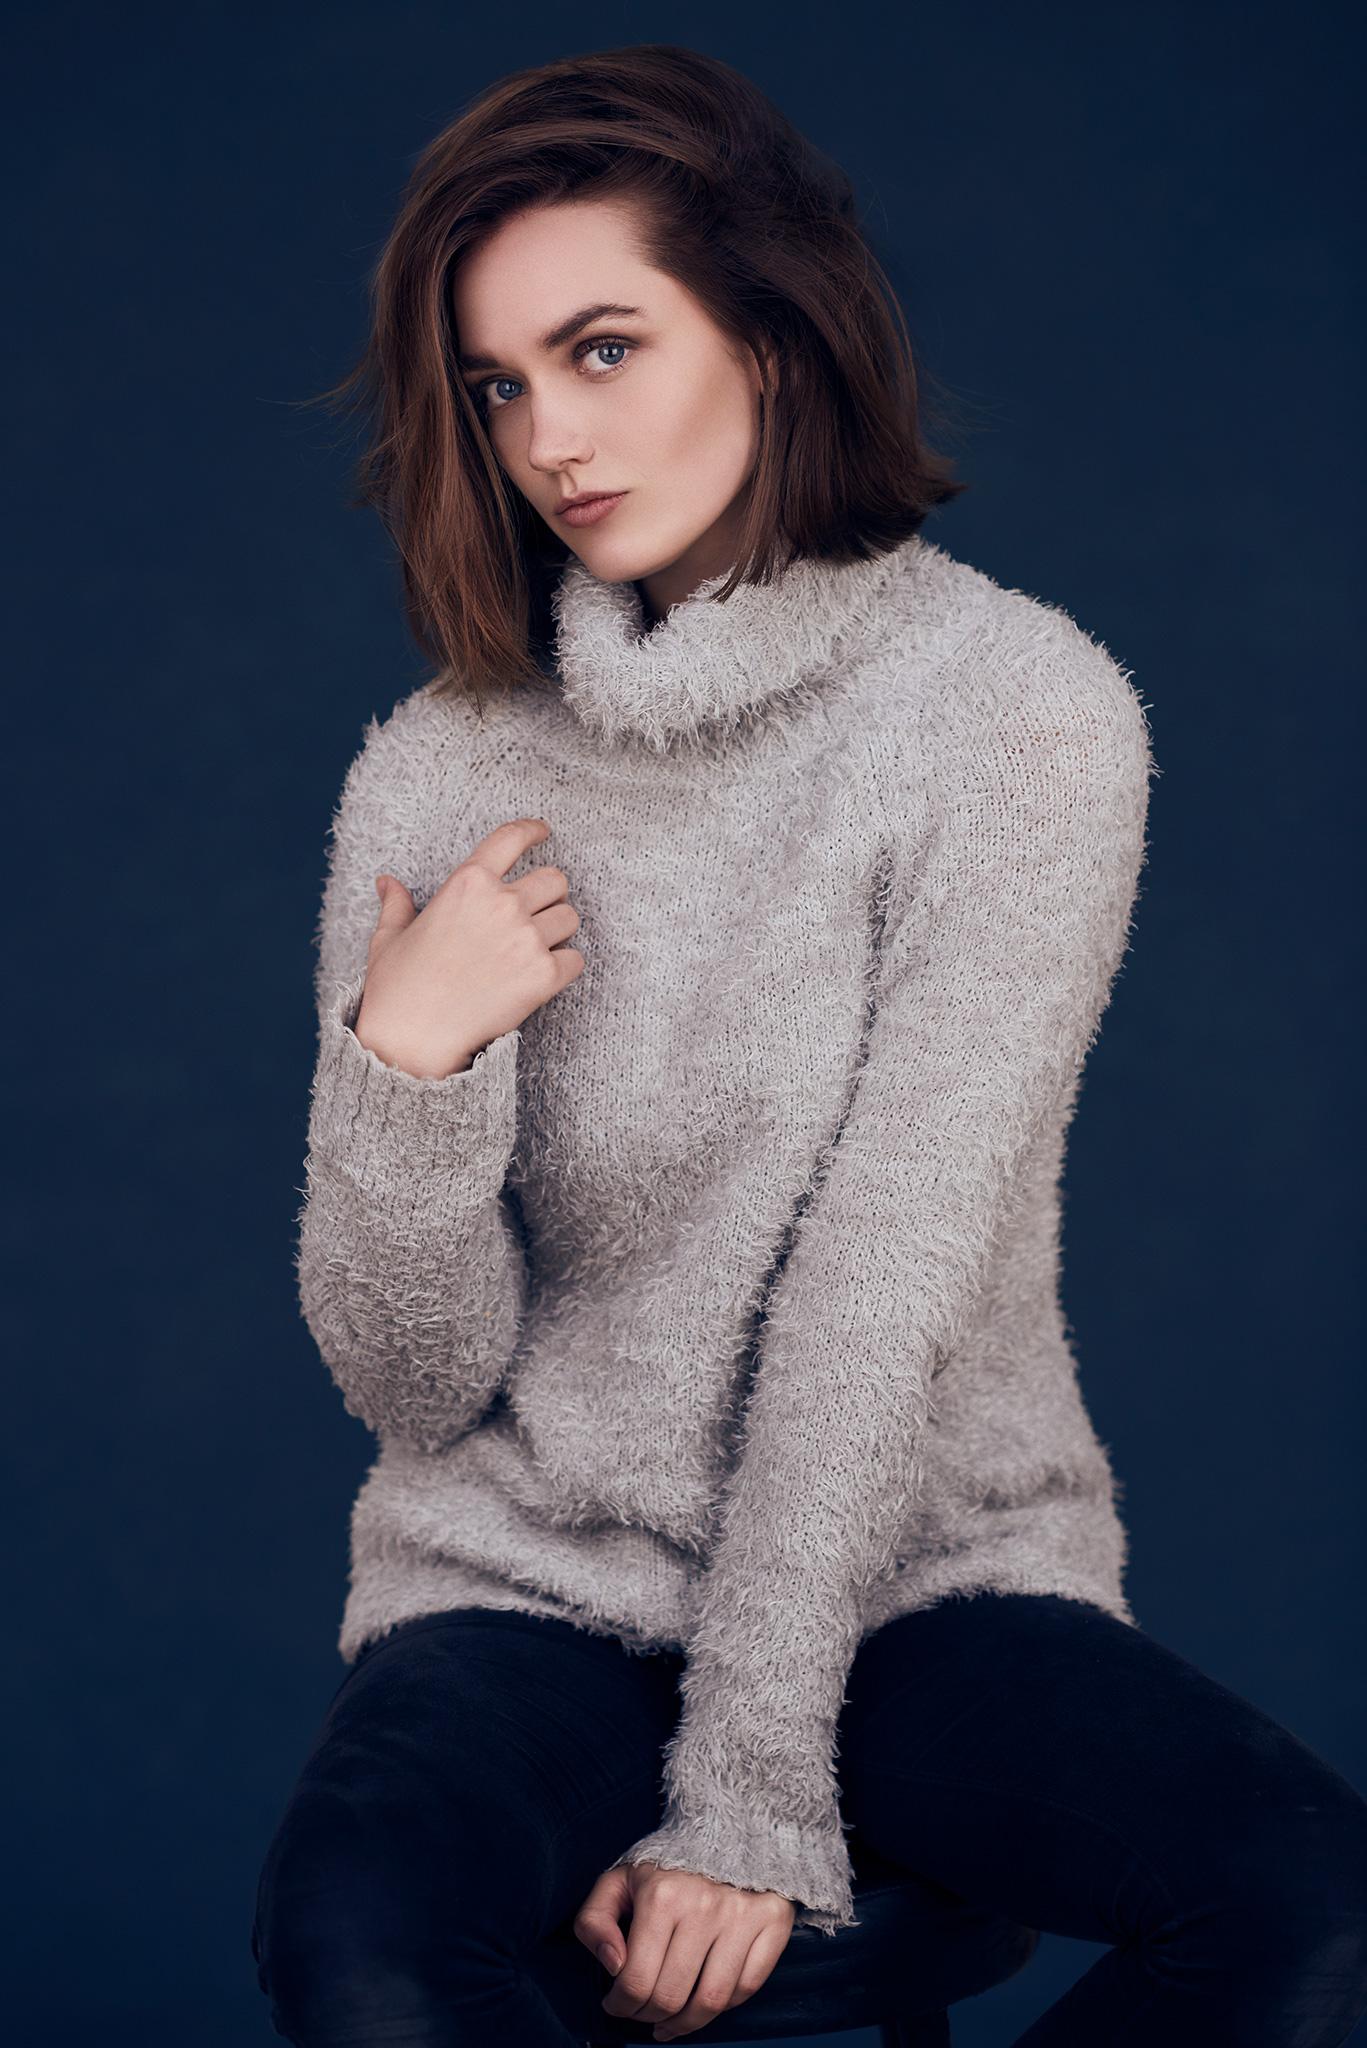 Mode portræt fra Kolding